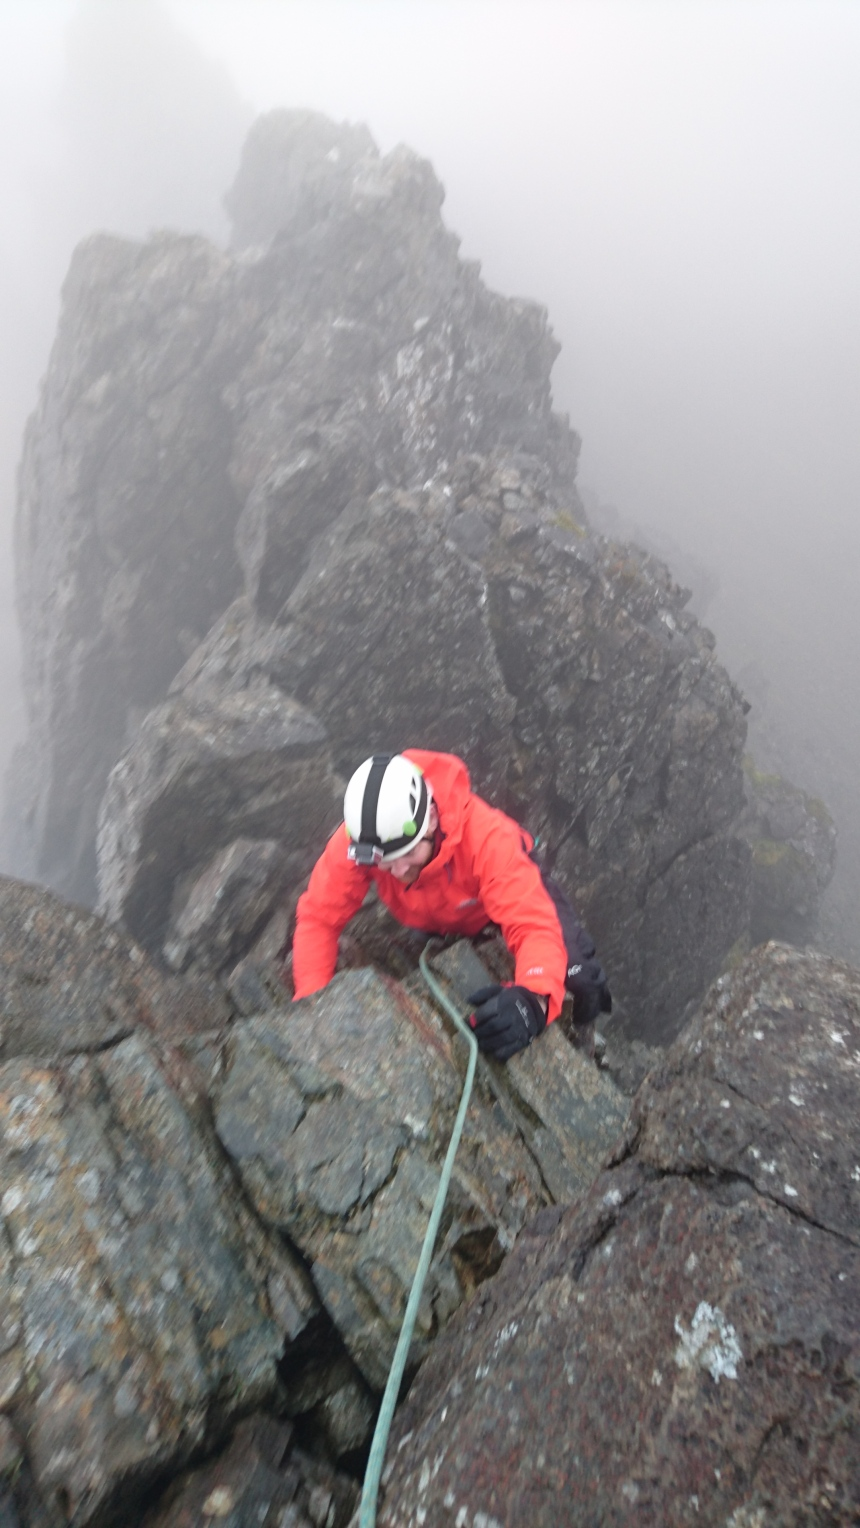 Tackling the Pinnacle Sgurr nan Gillean